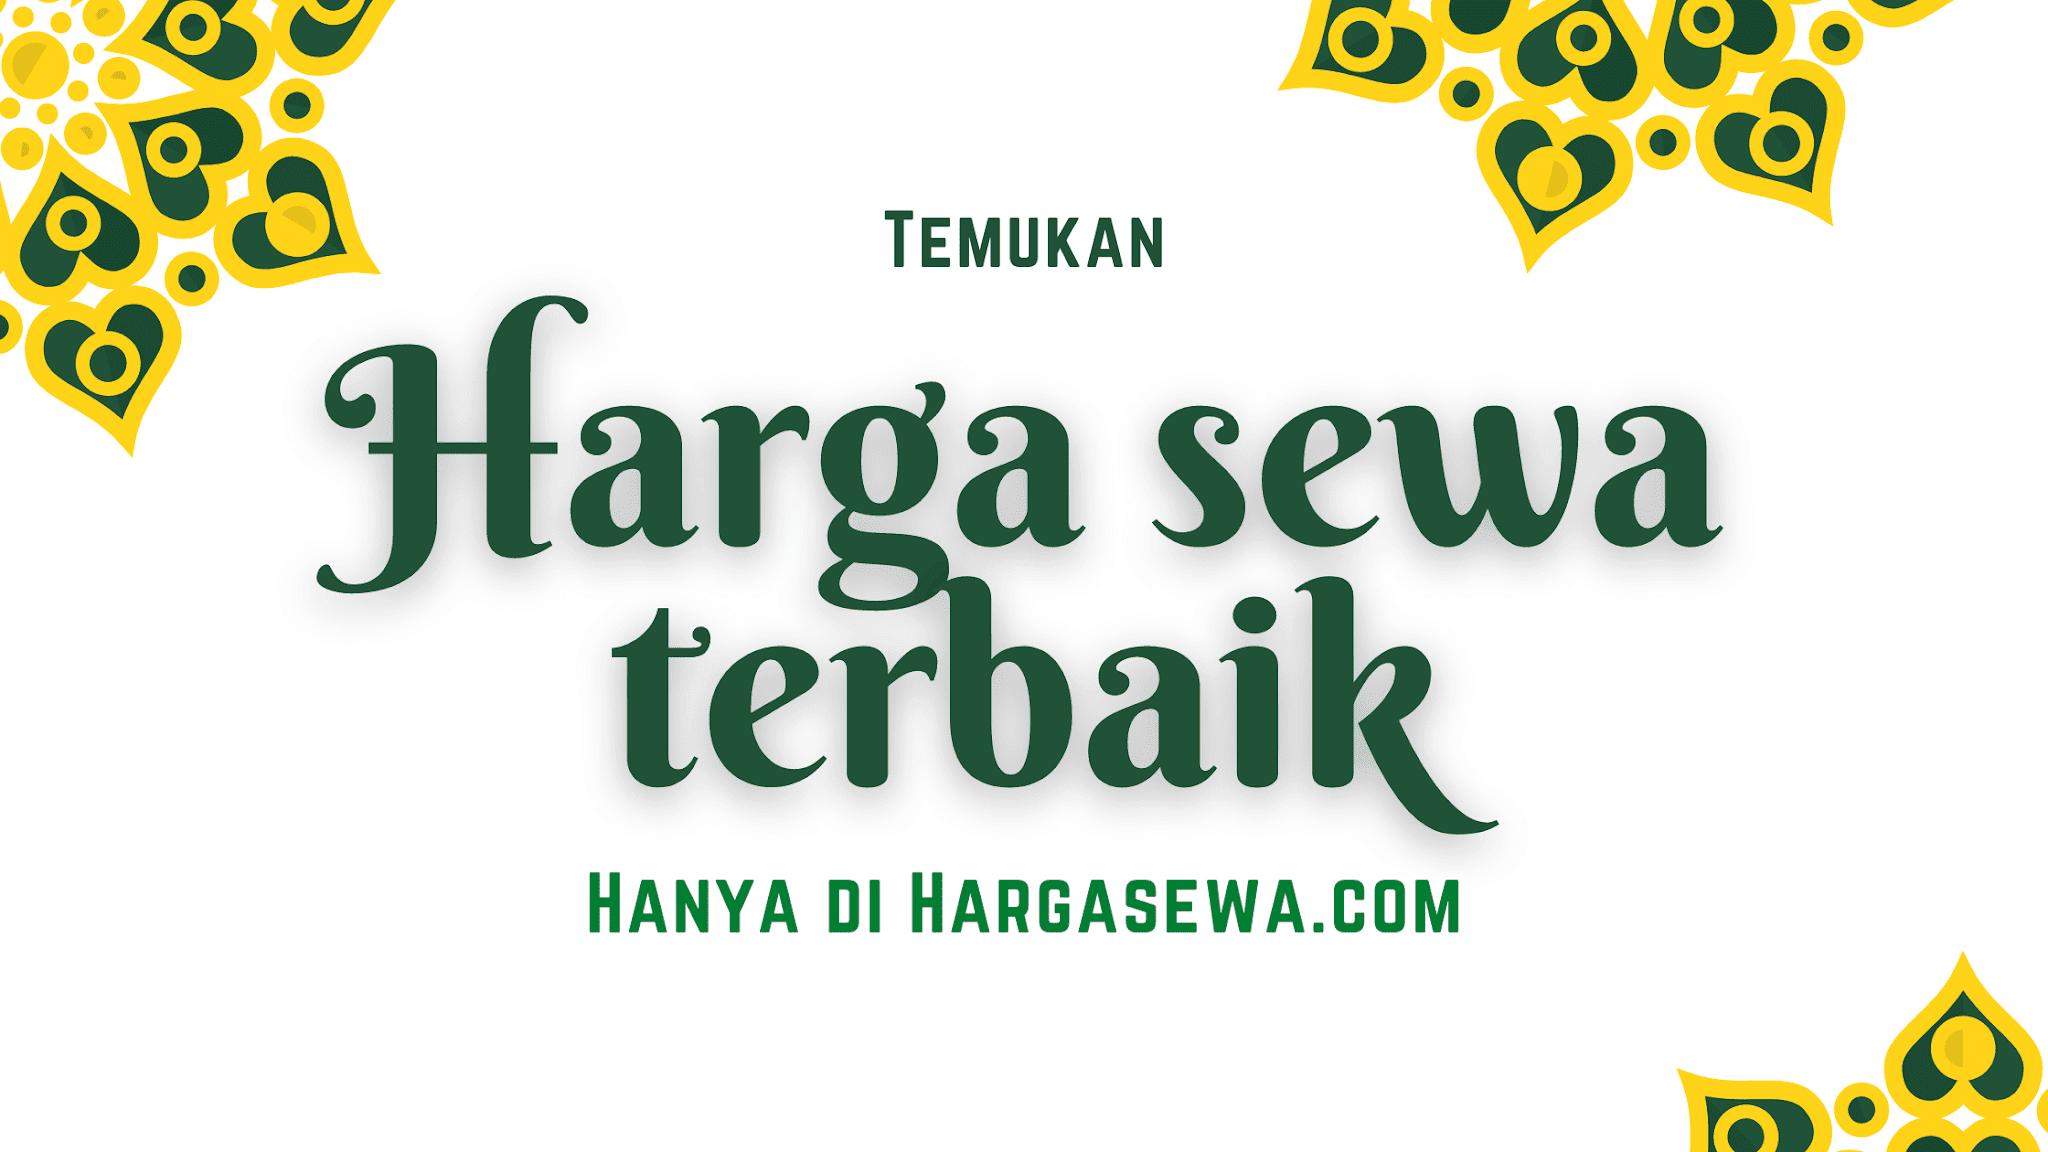 Hargasewa.com